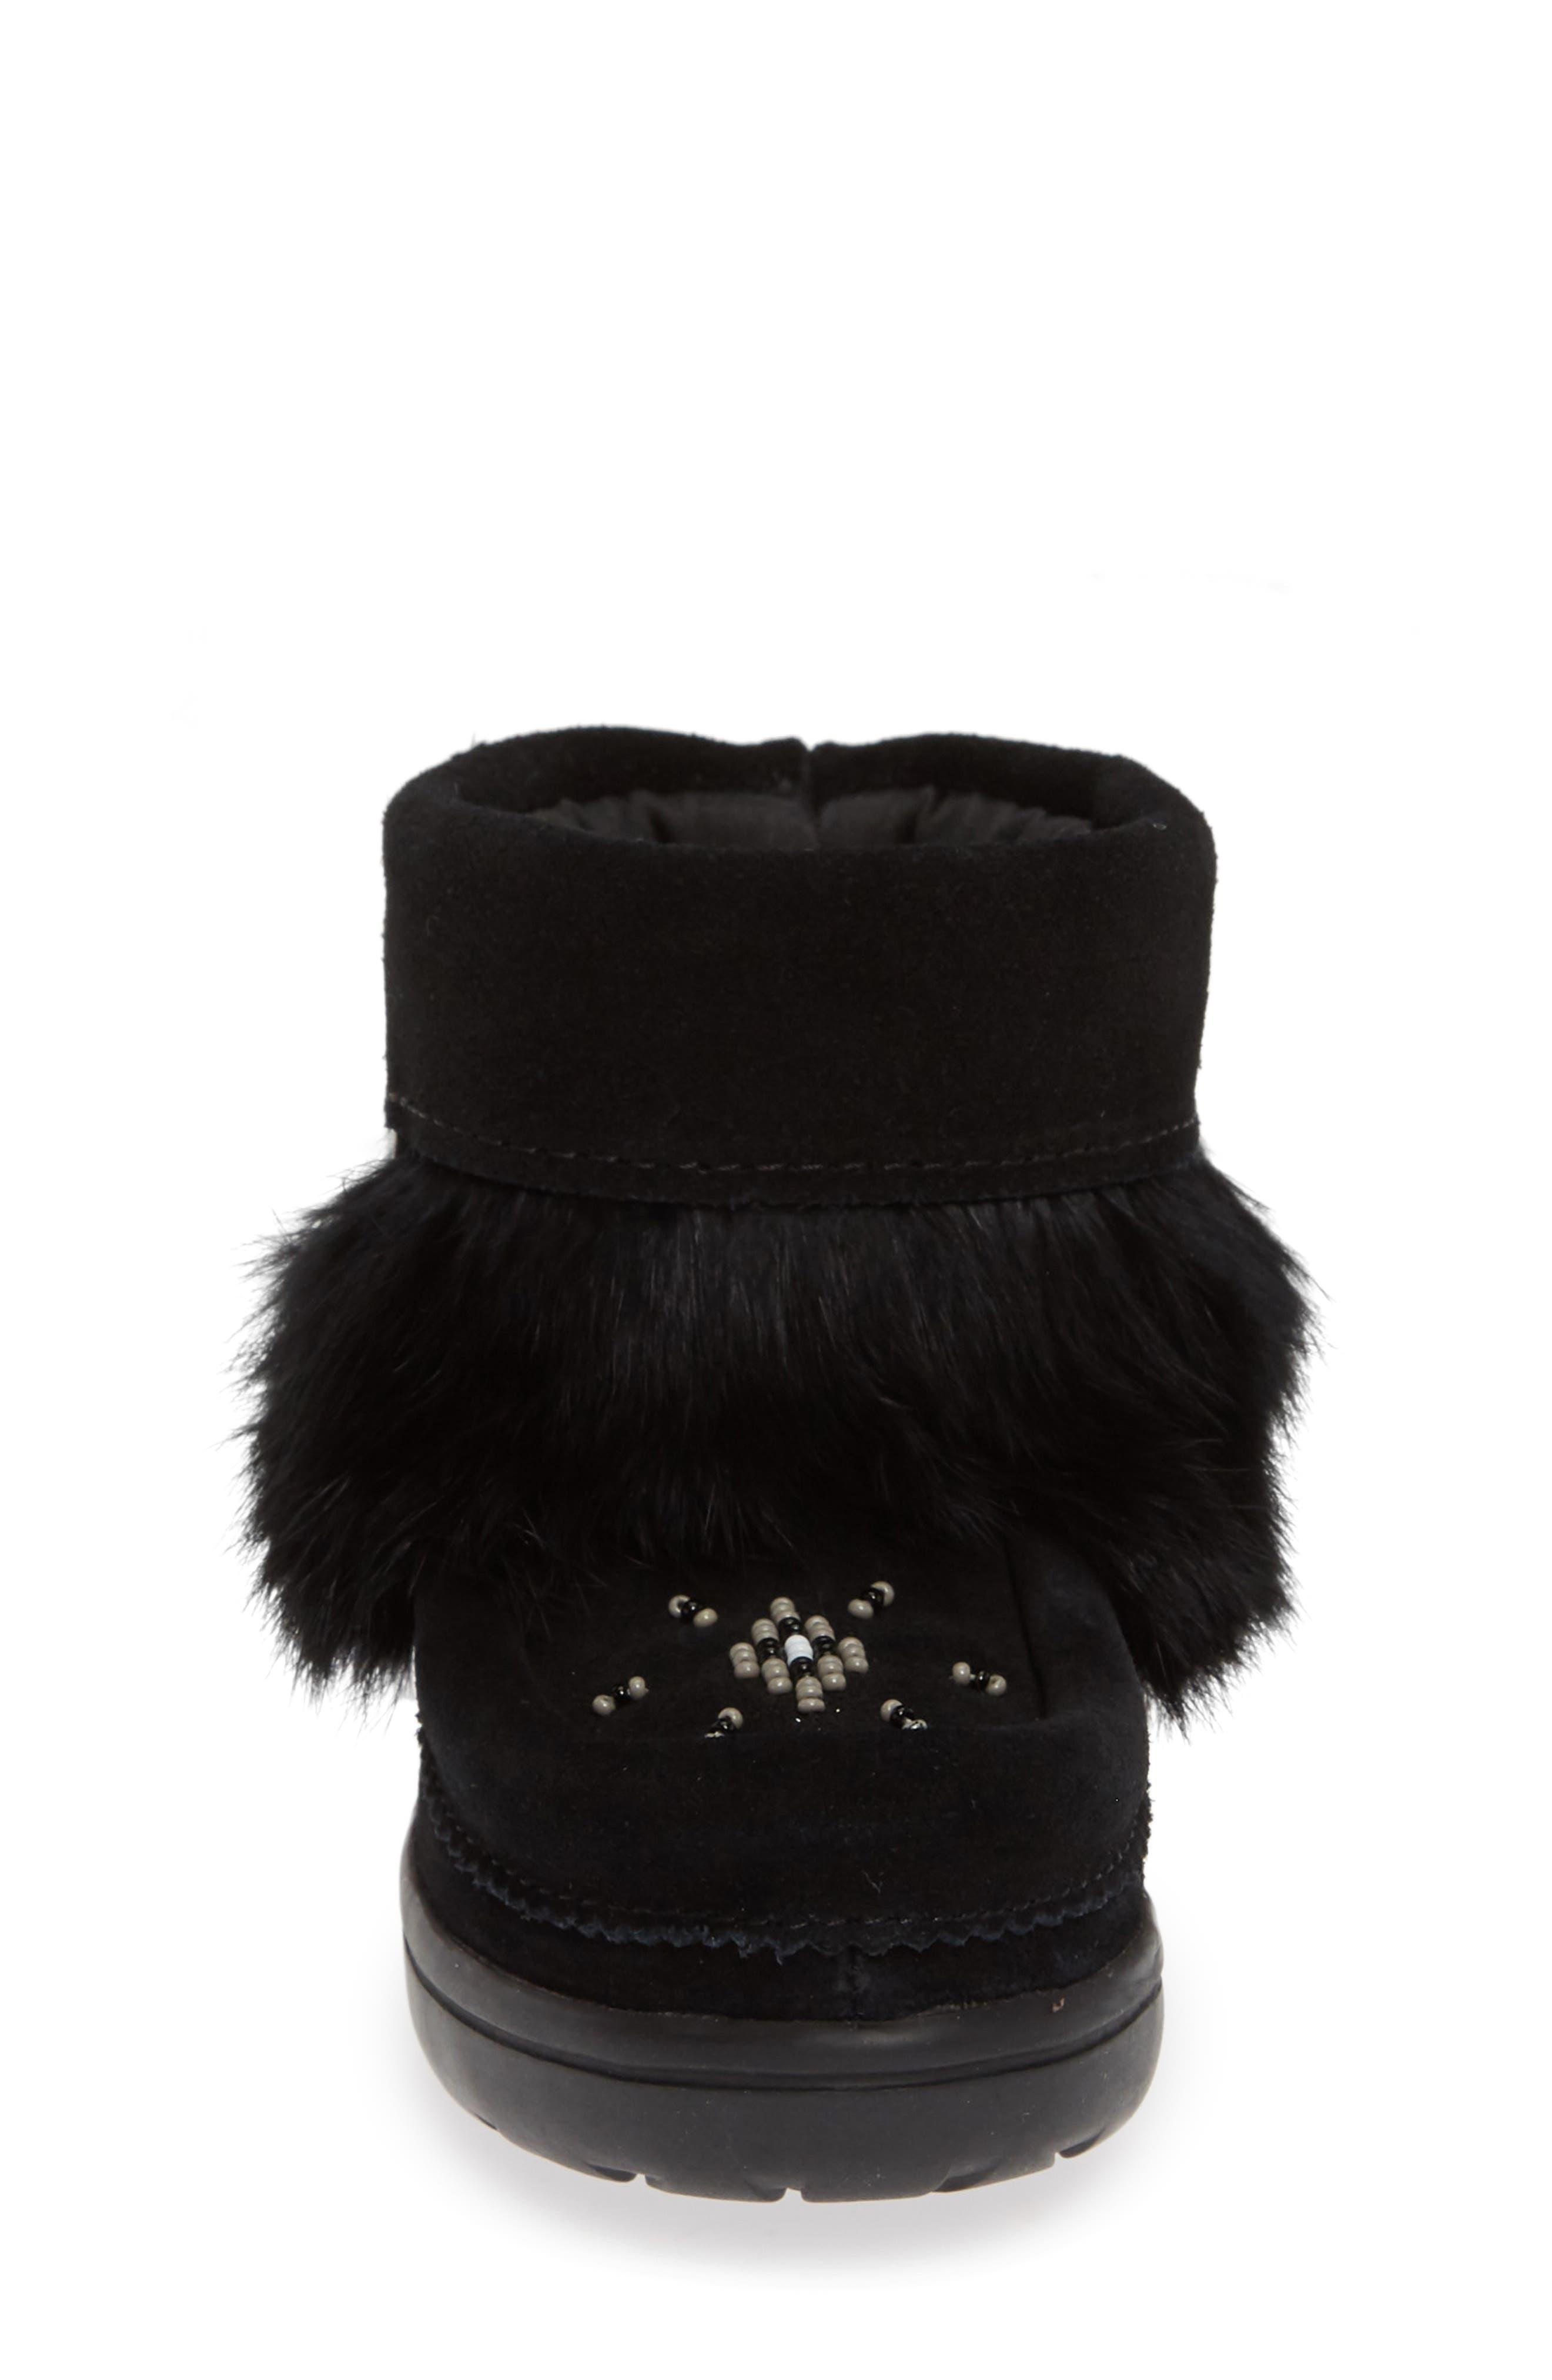 Snowy Owlet Genuine Fur Waterproof Boot,                             Alternate thumbnail 4, color,                             BLACK